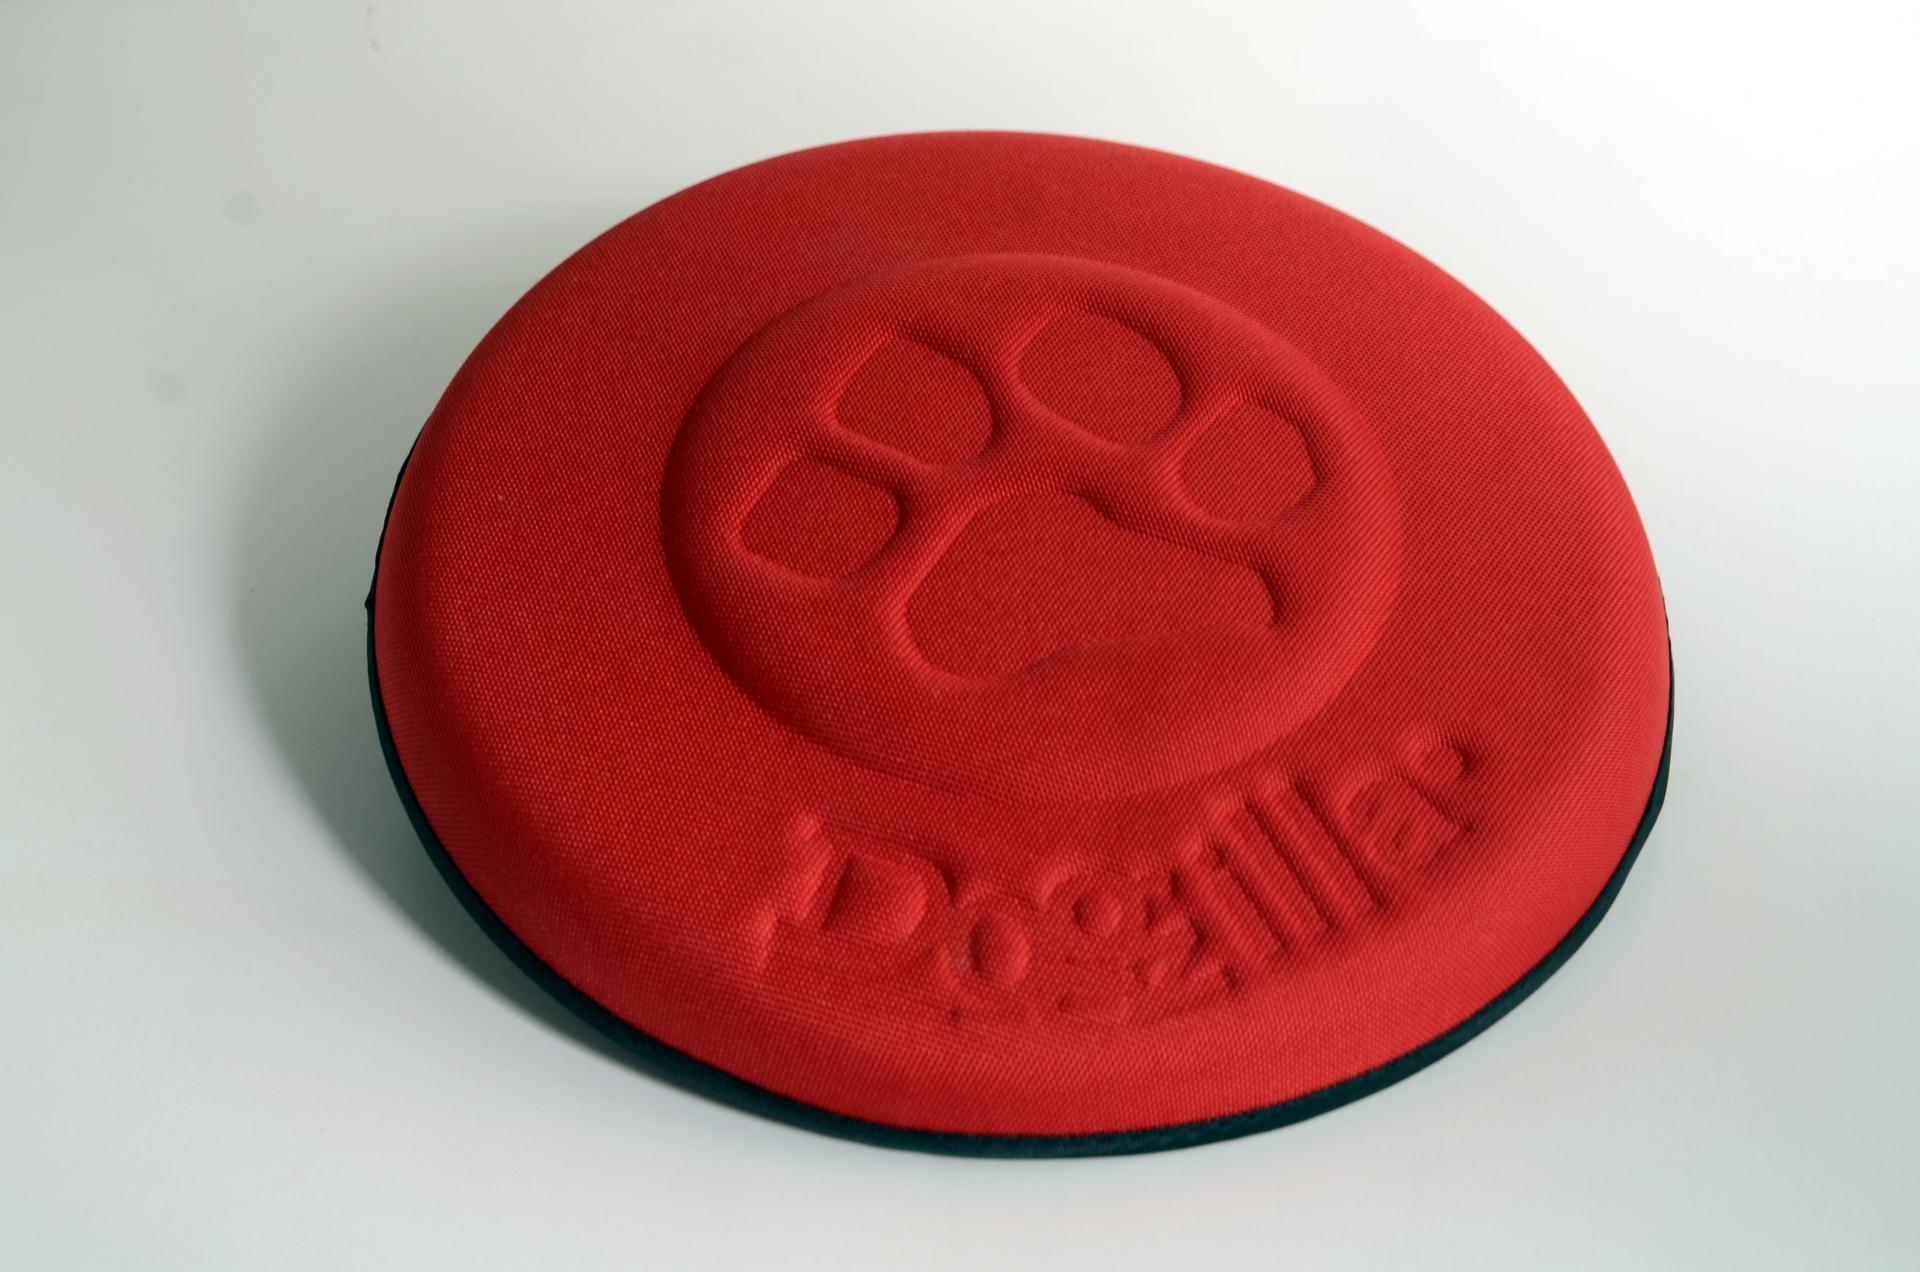 frisbee_dogzilla_1